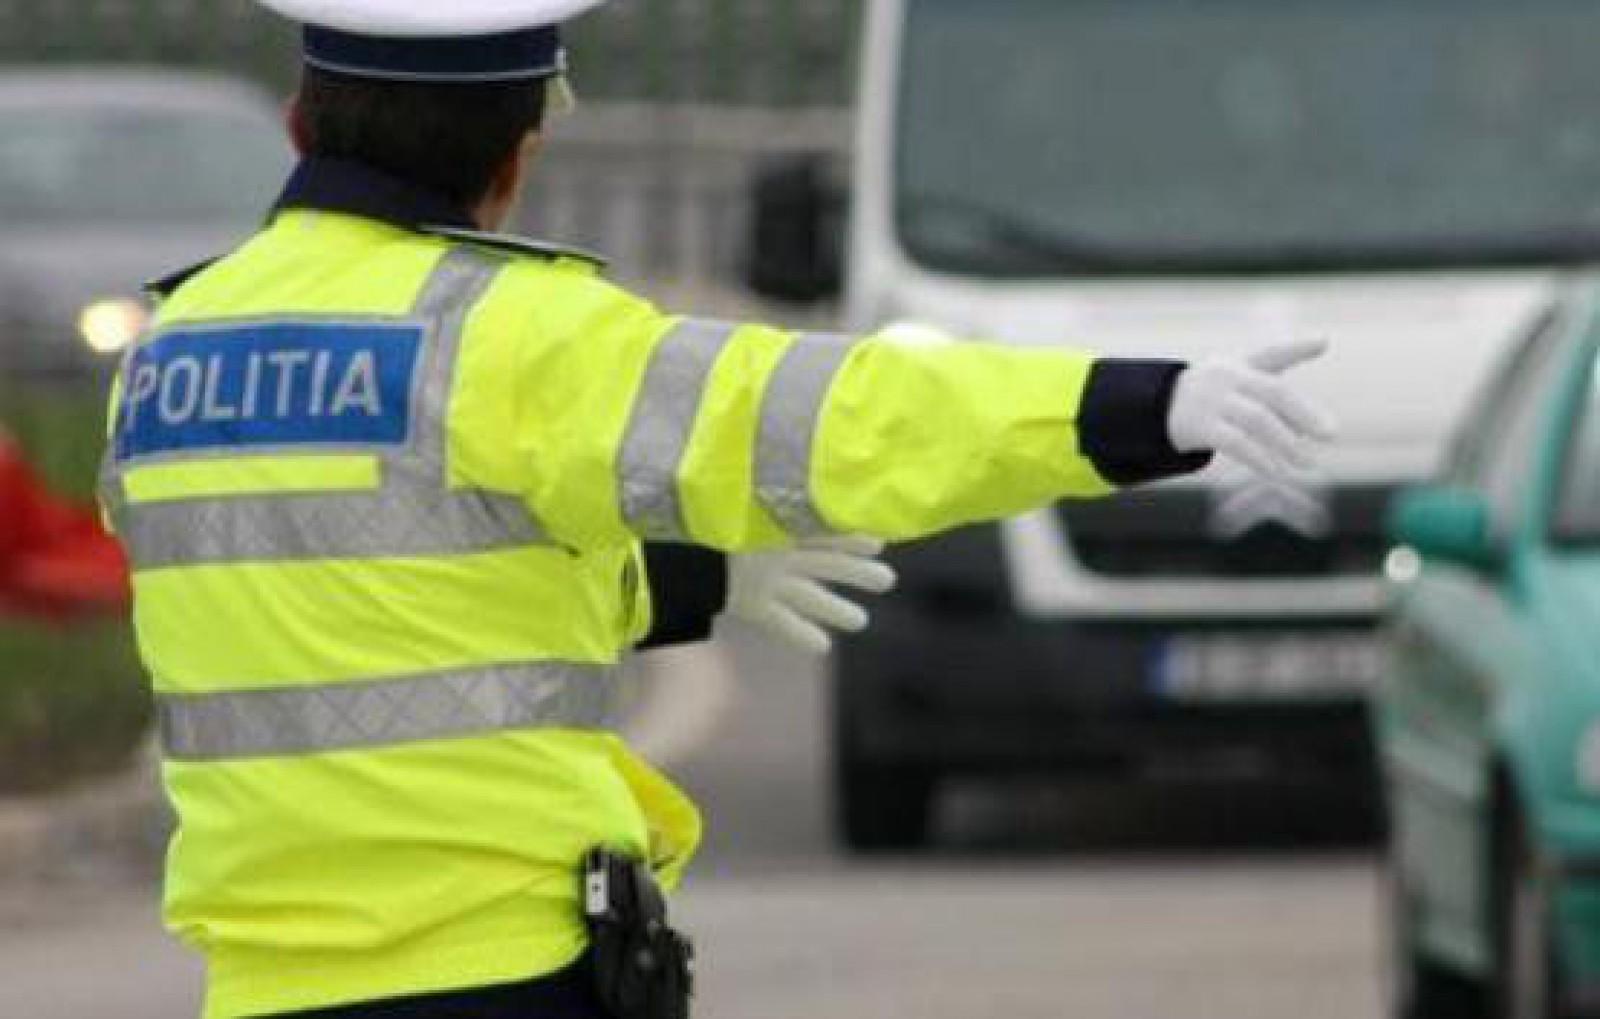 Duminică va fi închisă circulația pe Bulevardul Ștefan cel Mare timp de câteva ore